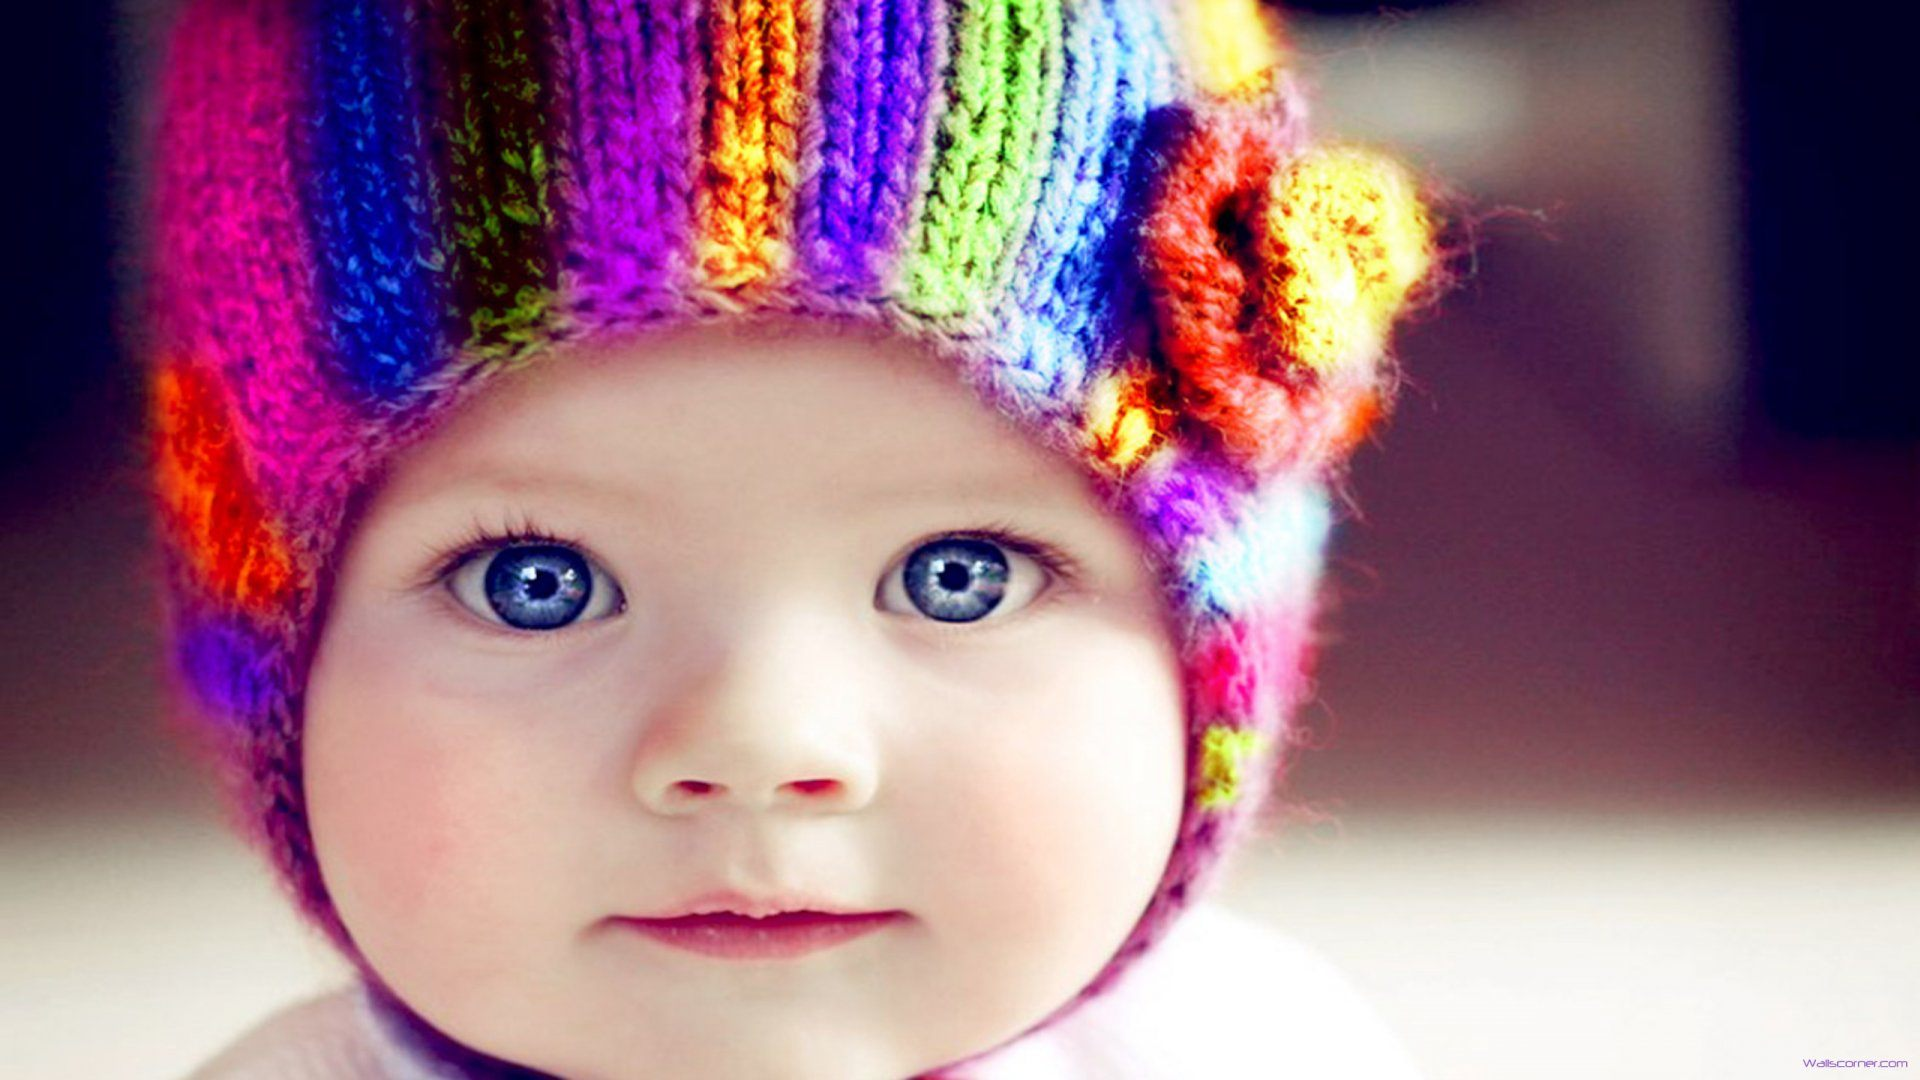 بالصور اجمل اطفال العالم فيديو 20160909 3241